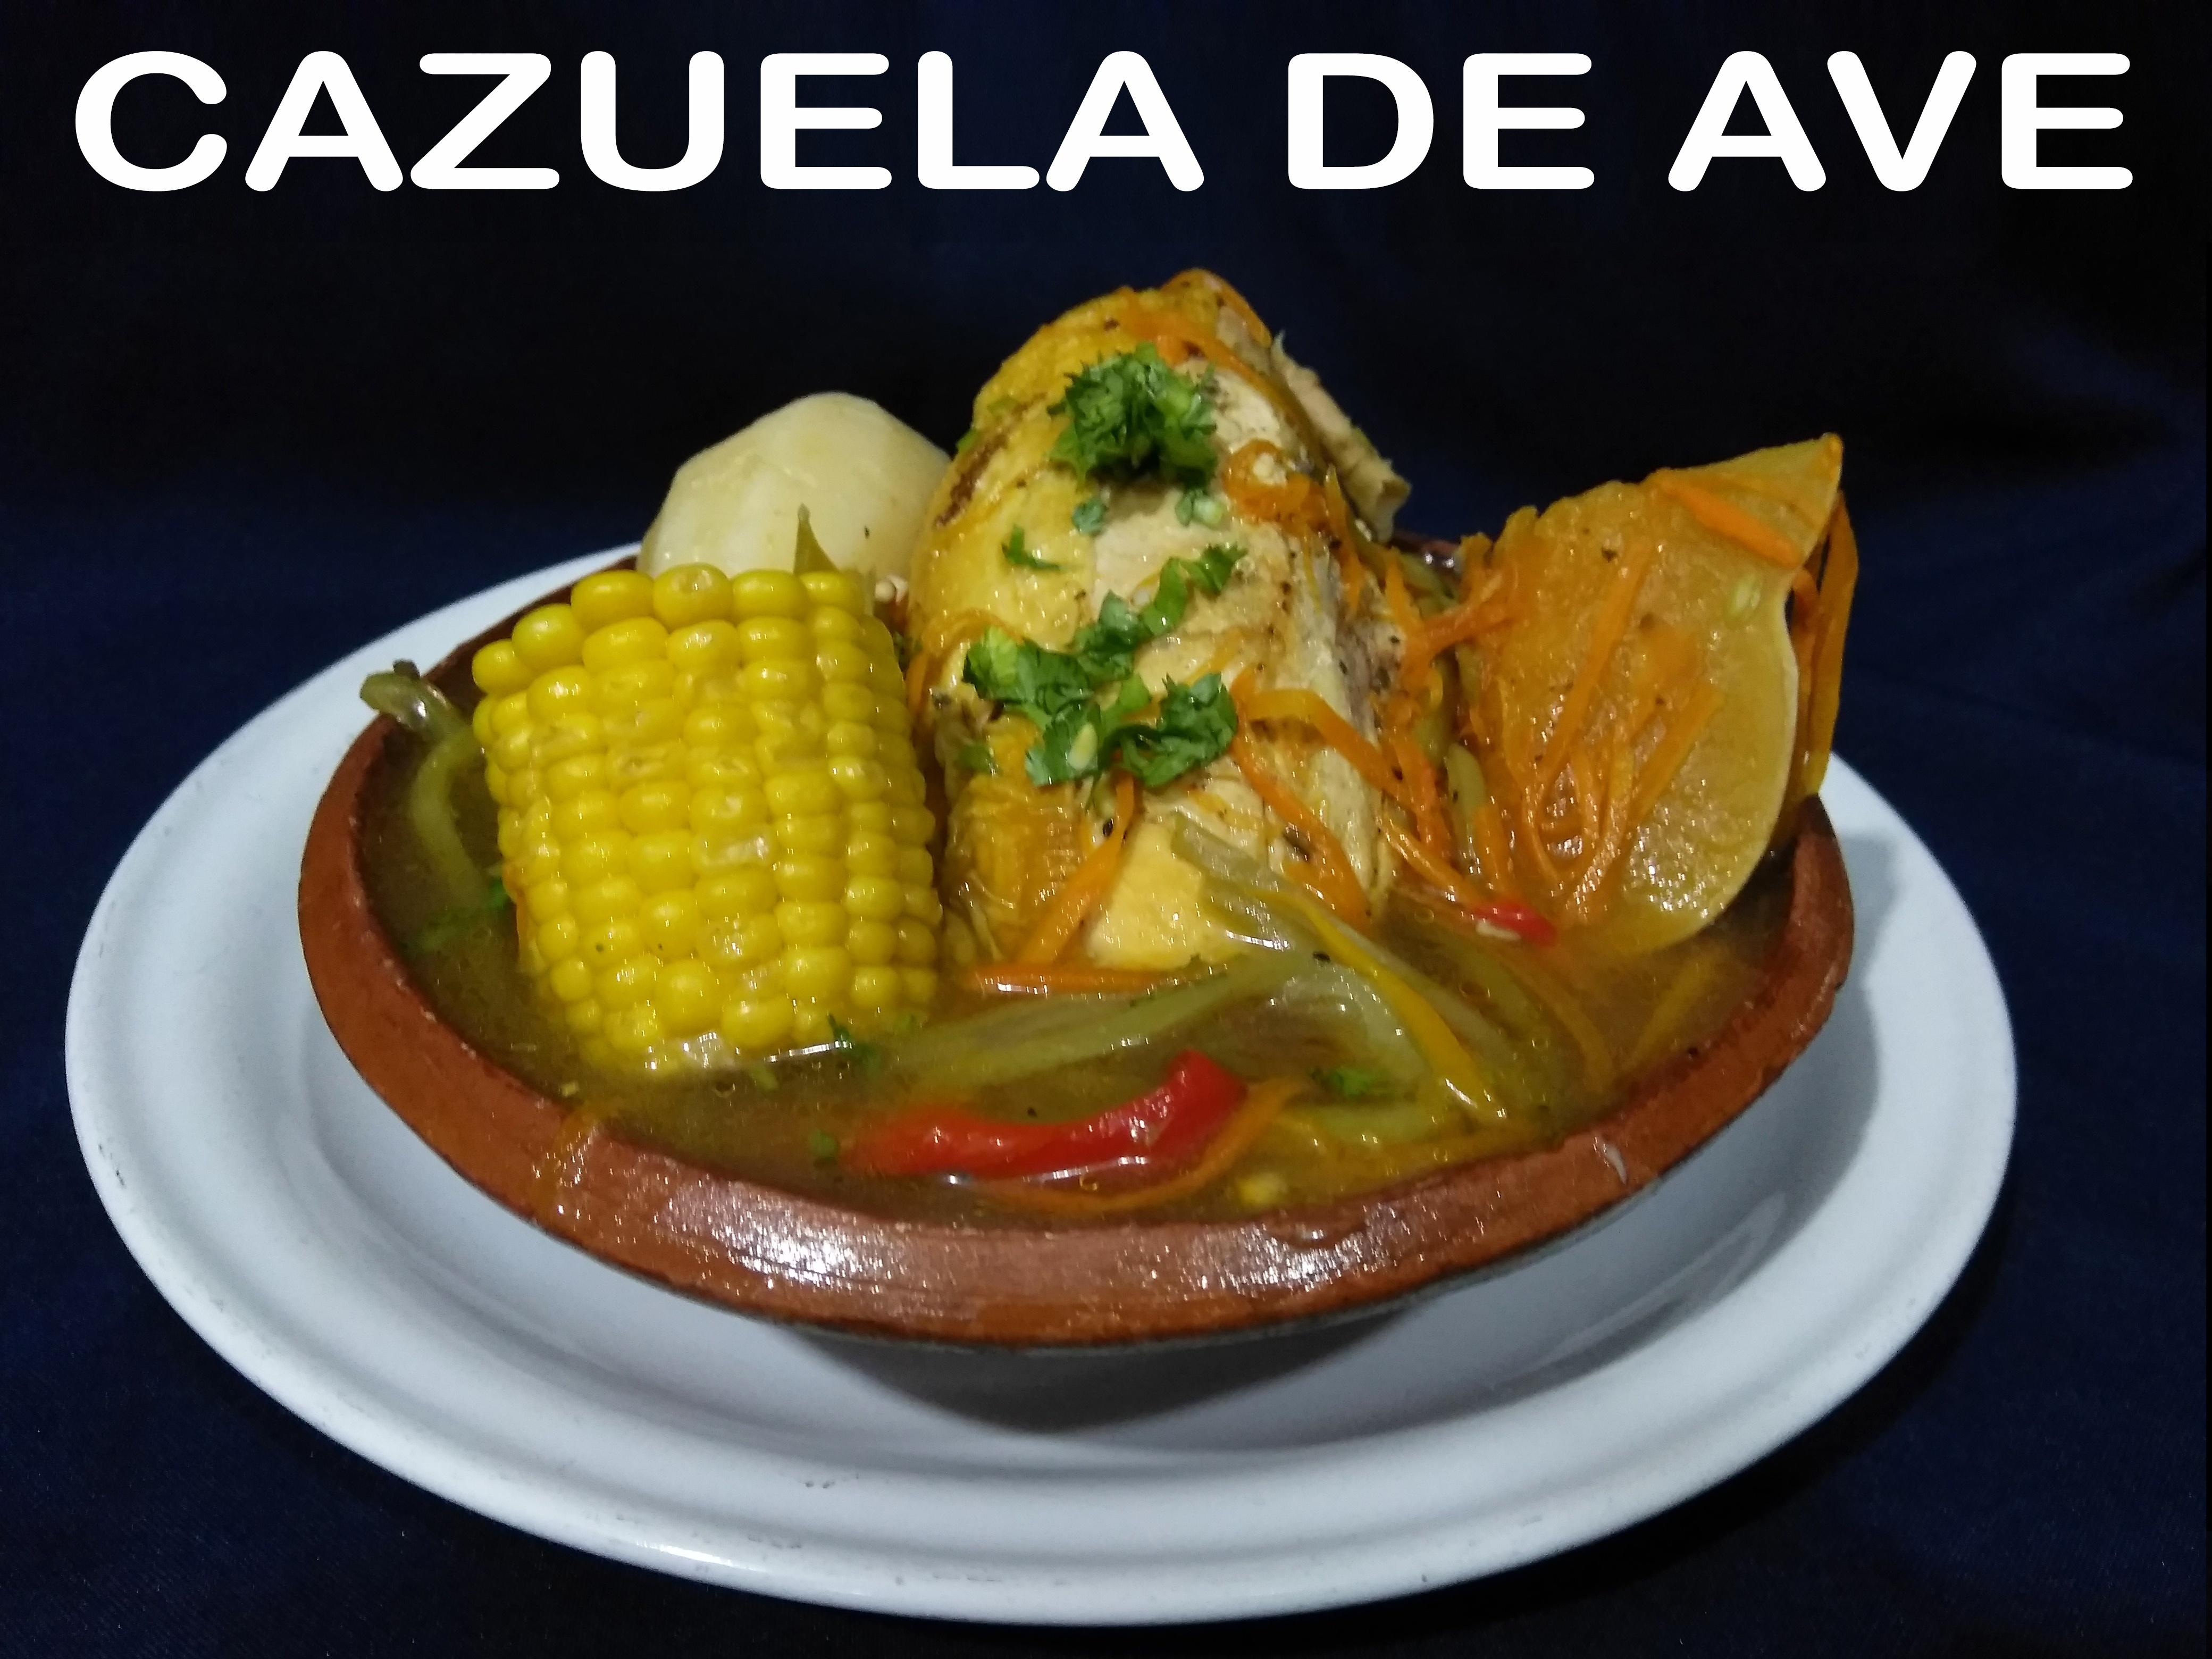 https://0201.nccdn.net/1_2/000/000/0ff/062/CAZUELA-AVE1-4160x3120.jpg